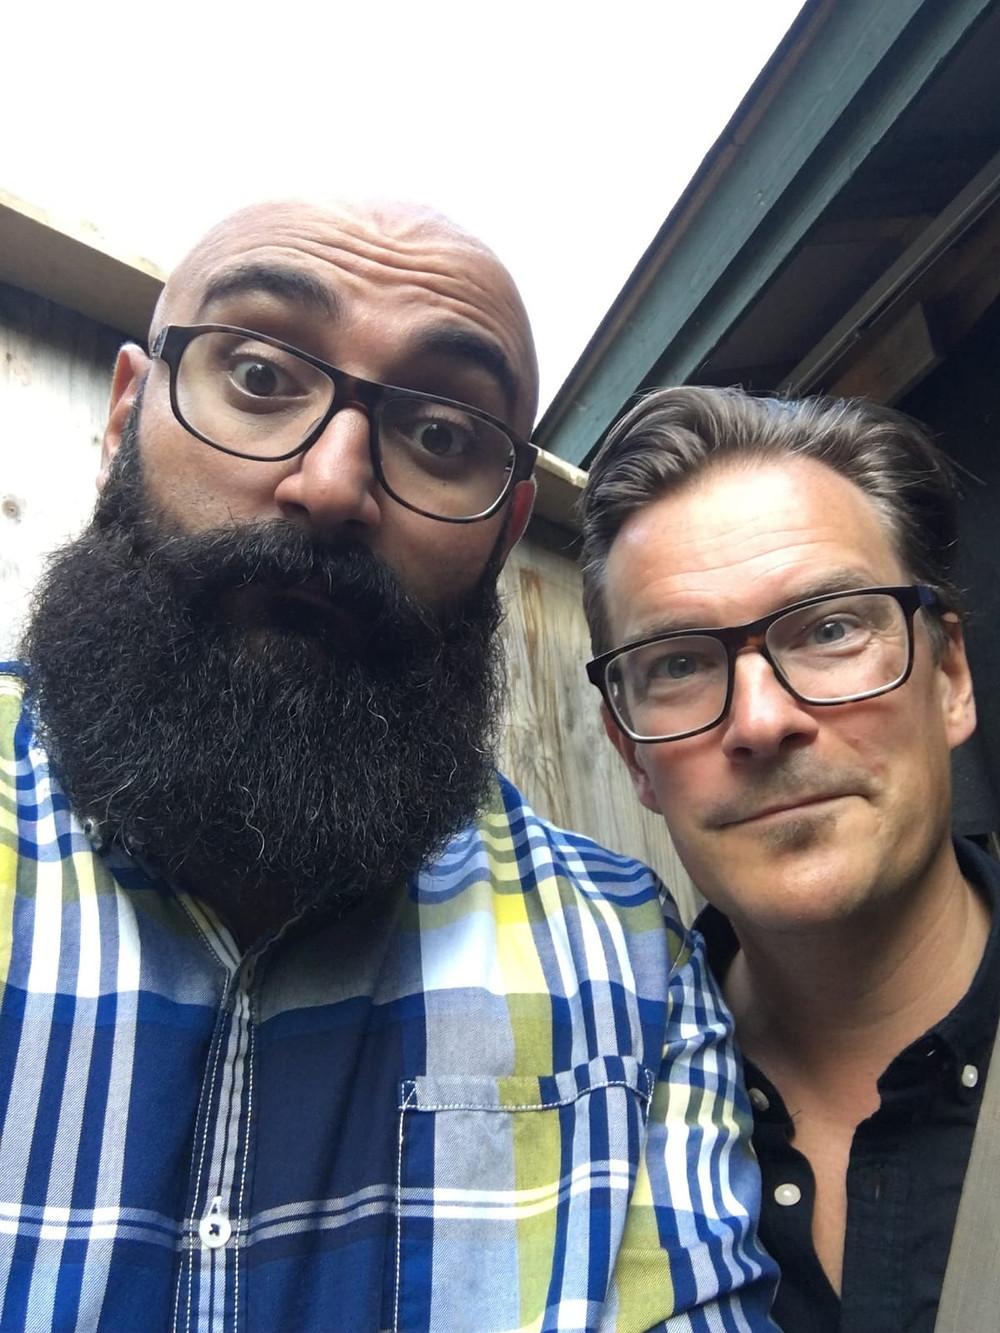 : Stand up -koomikot Ali Jahangiri ja André Wickström esiintyivät 25.7. Vihdissä. Tuusulan Krapilla heidän seuraansa liittyvät kollegat Niko Kivelä ja Ilari Johansson.